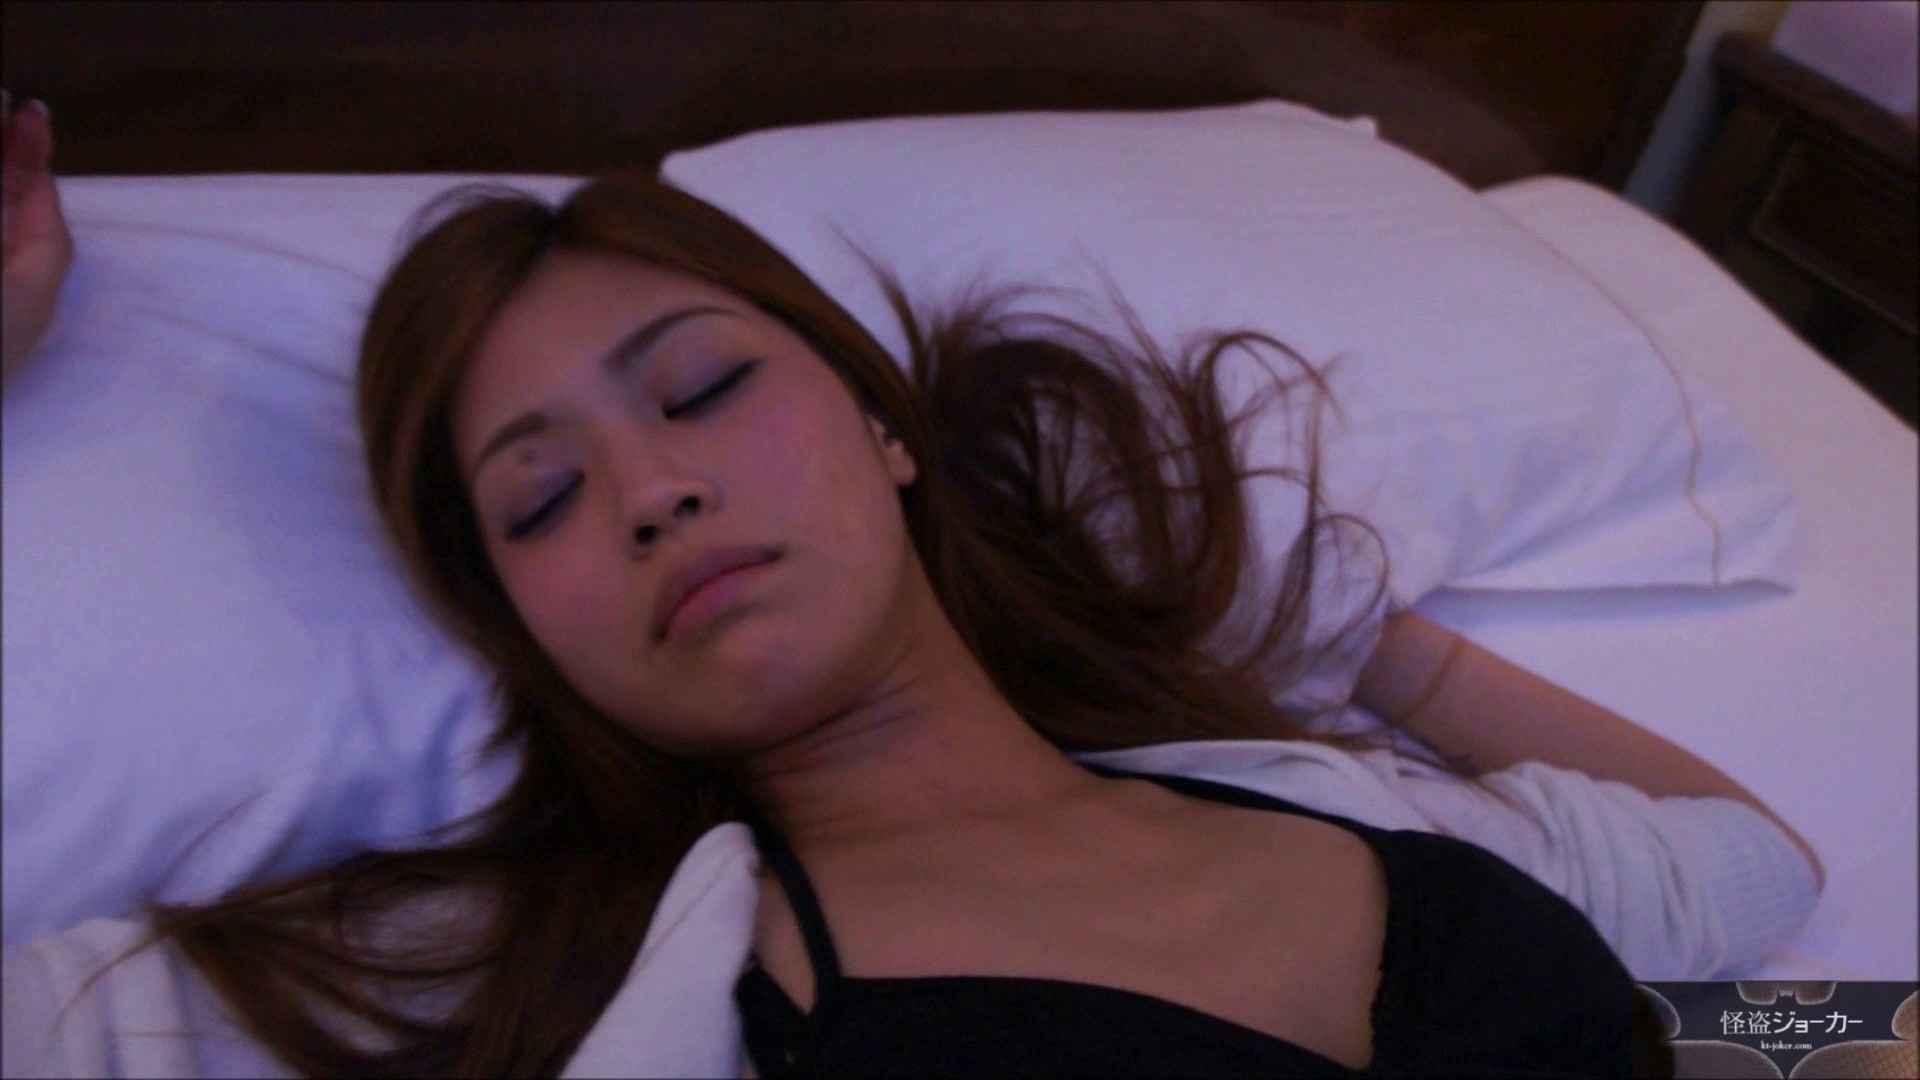 【未公開】vol.8 セレブ美魔女・ユキさんとの密会後・・・ ラブホテル 性交動画流出 94画像 70